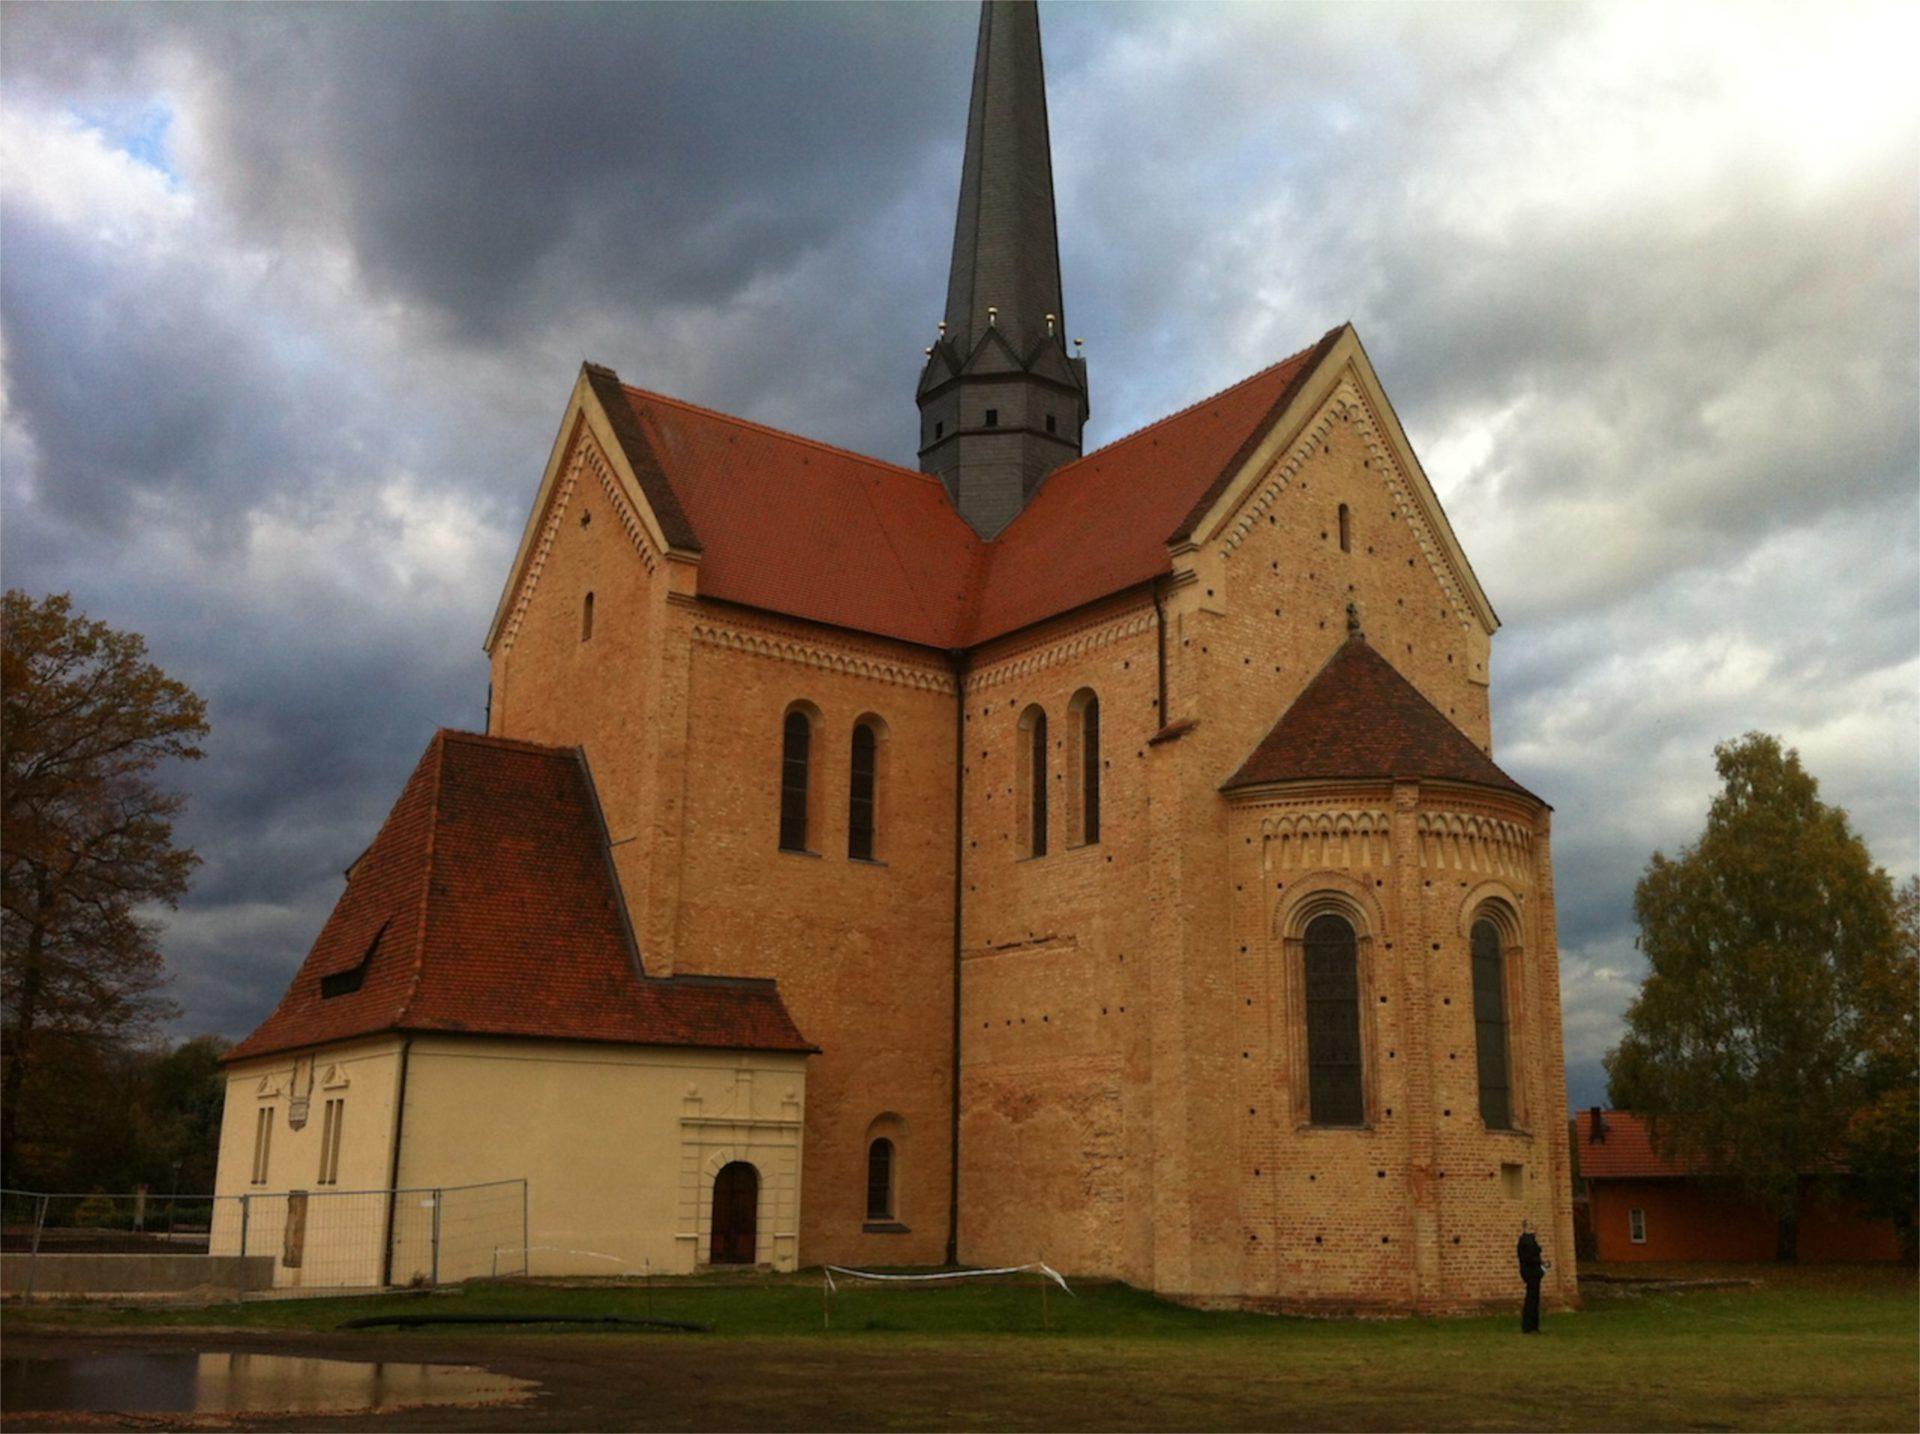 Bild eines Klosters - Zisterzienserkloster Dobrilugk